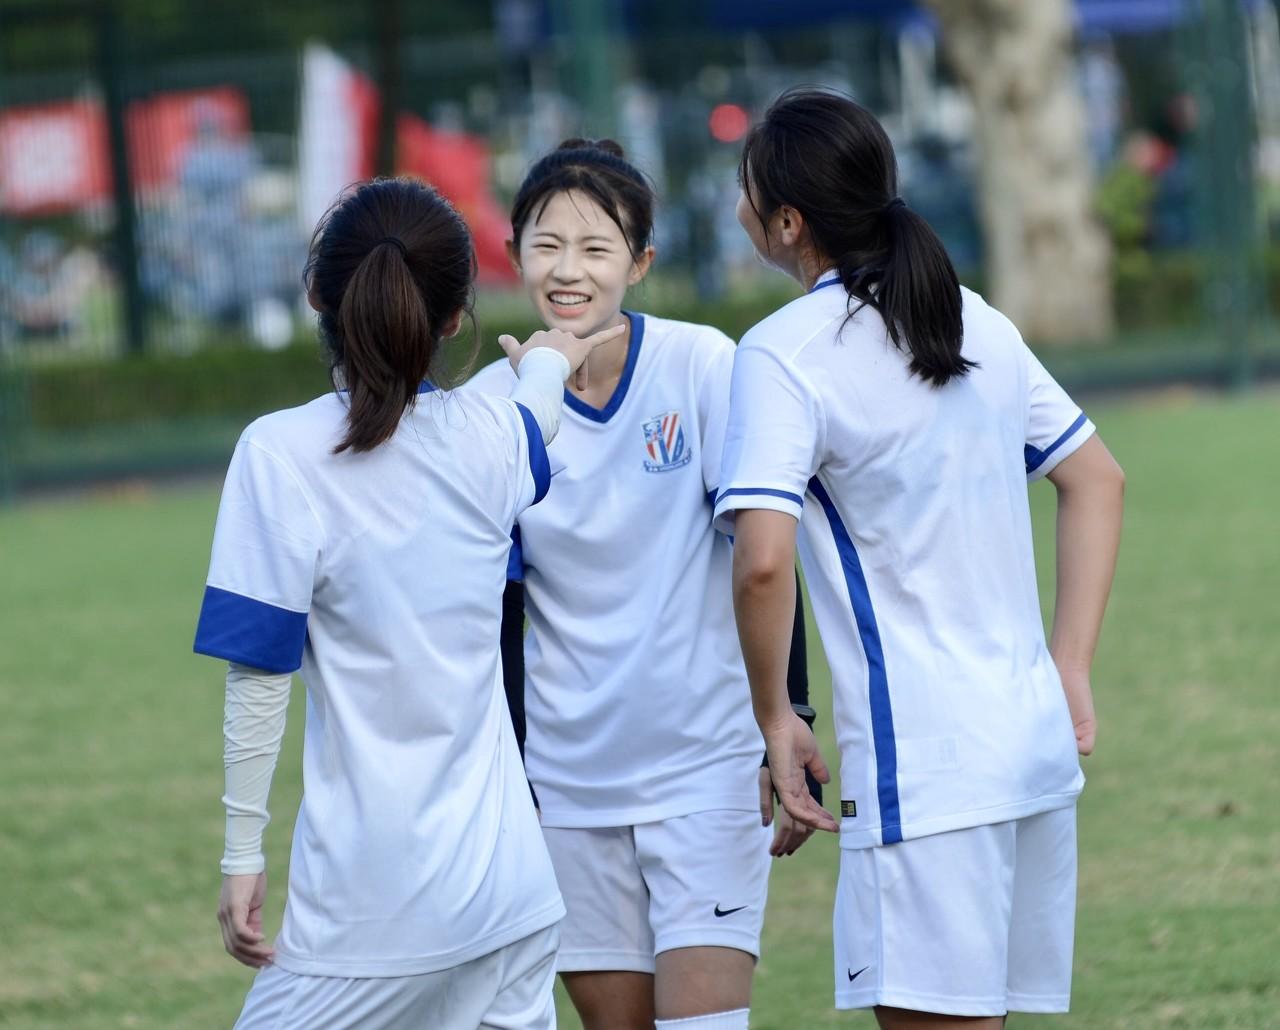 沪媒:6战全胜,申花女足夺得全国青少年学校足球联赛冠军